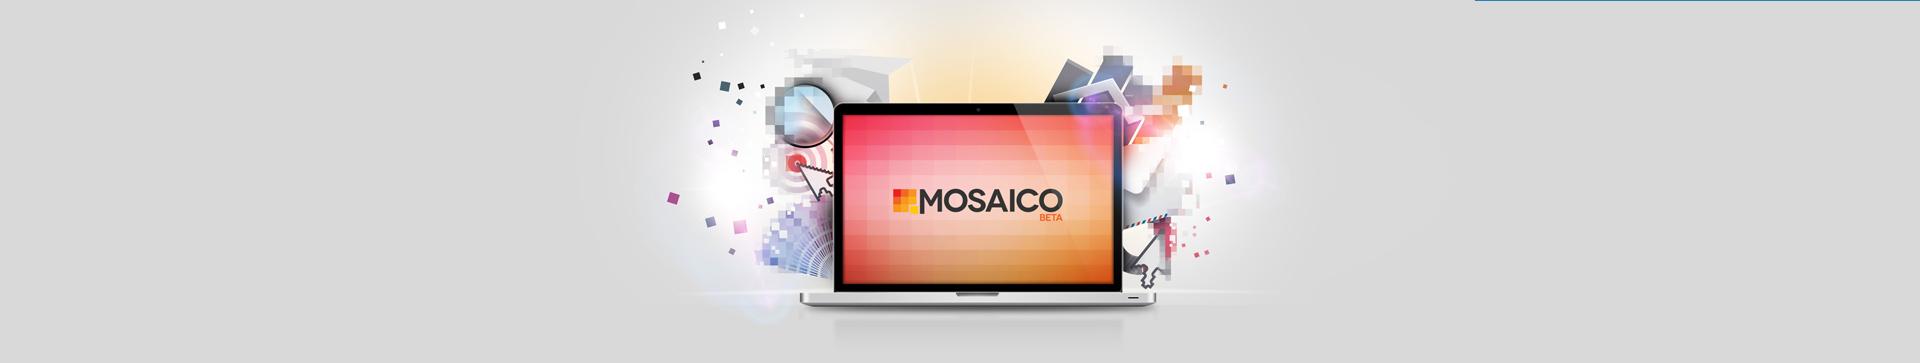 logo de Mosaico